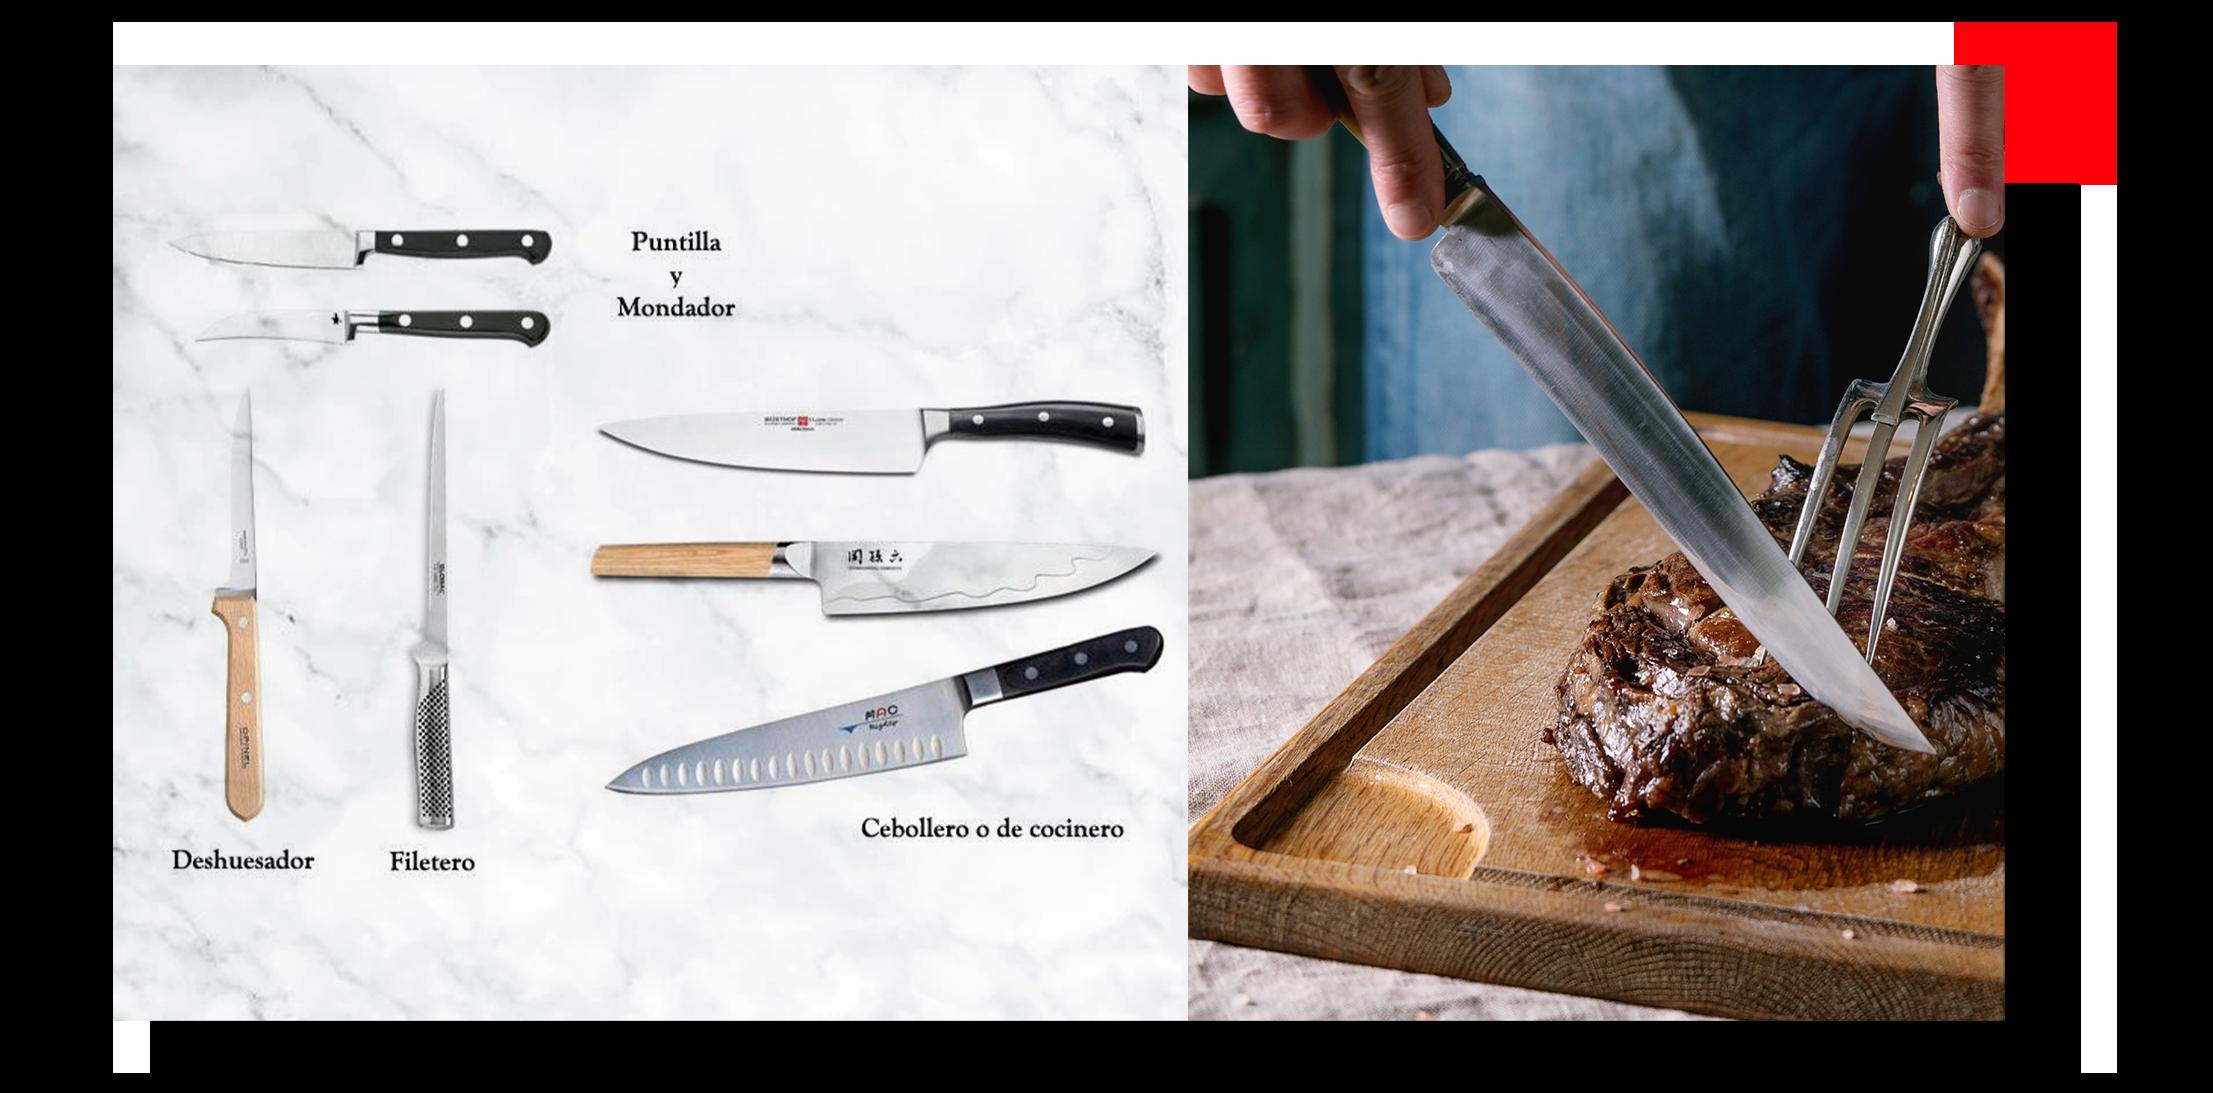 Tipos de cuchillos de cocina cortando carne